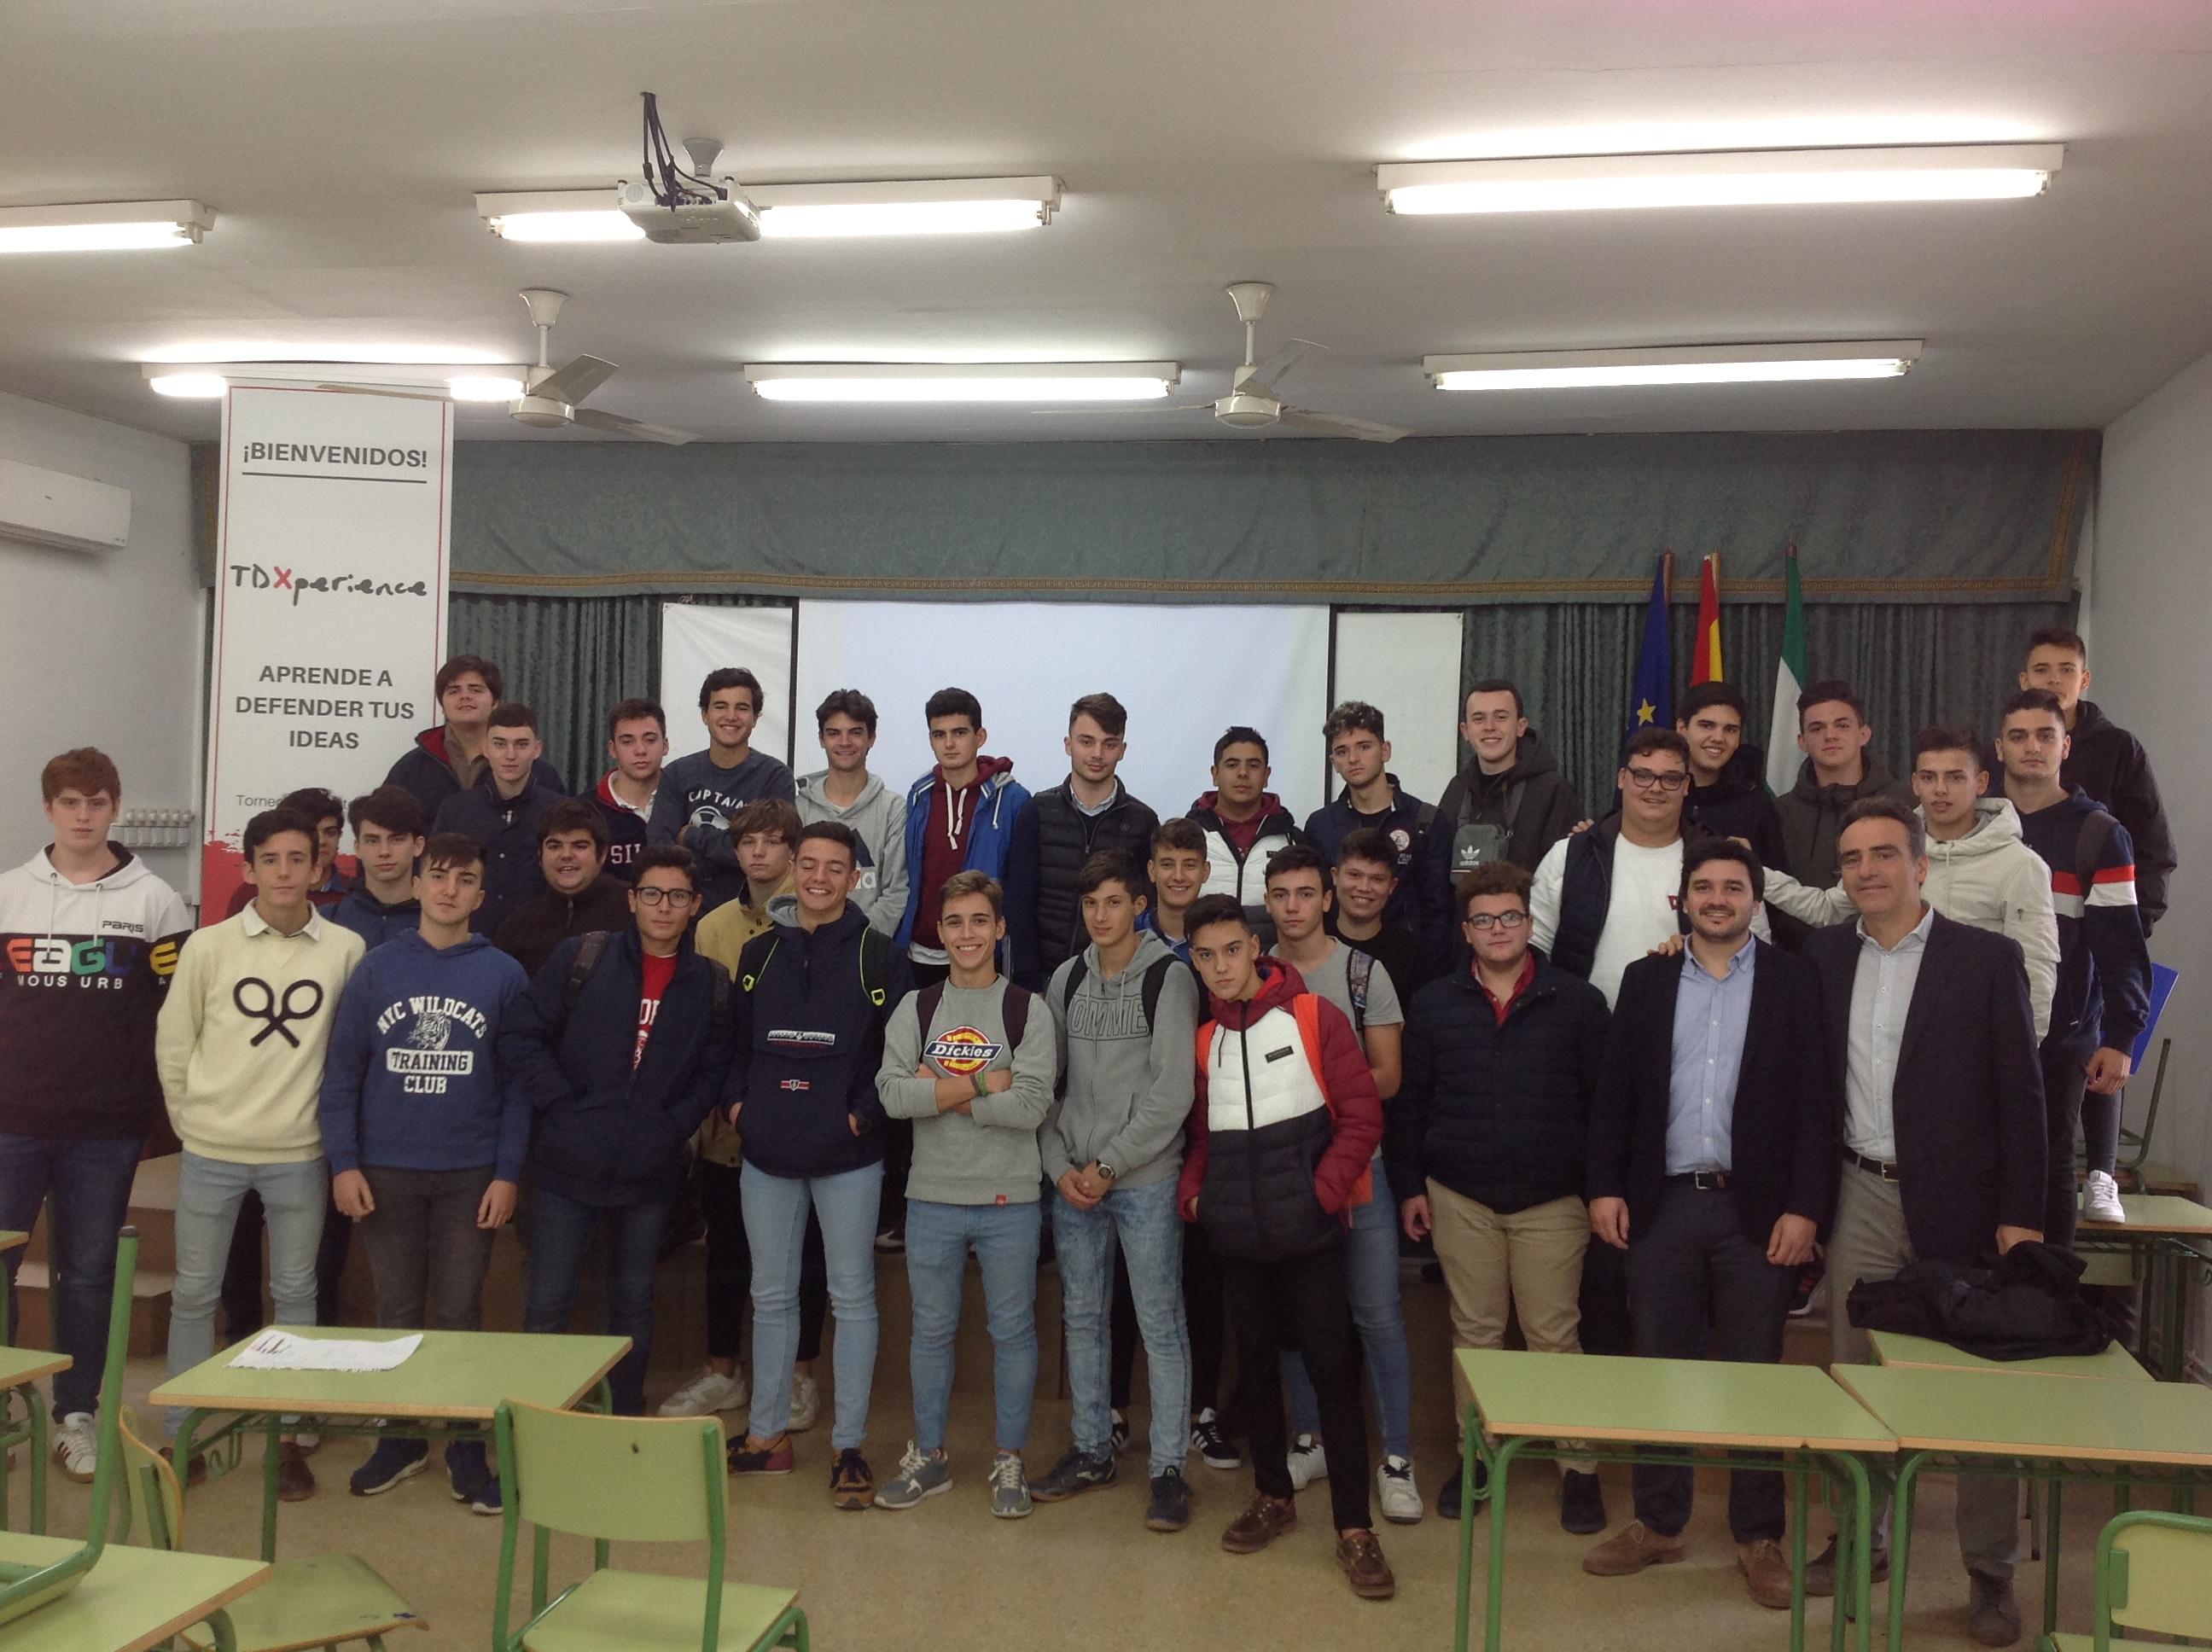 Espectacular curso de oratoria y debate en Torrealba, impartido por la empresa TDxperience, de Barcelona